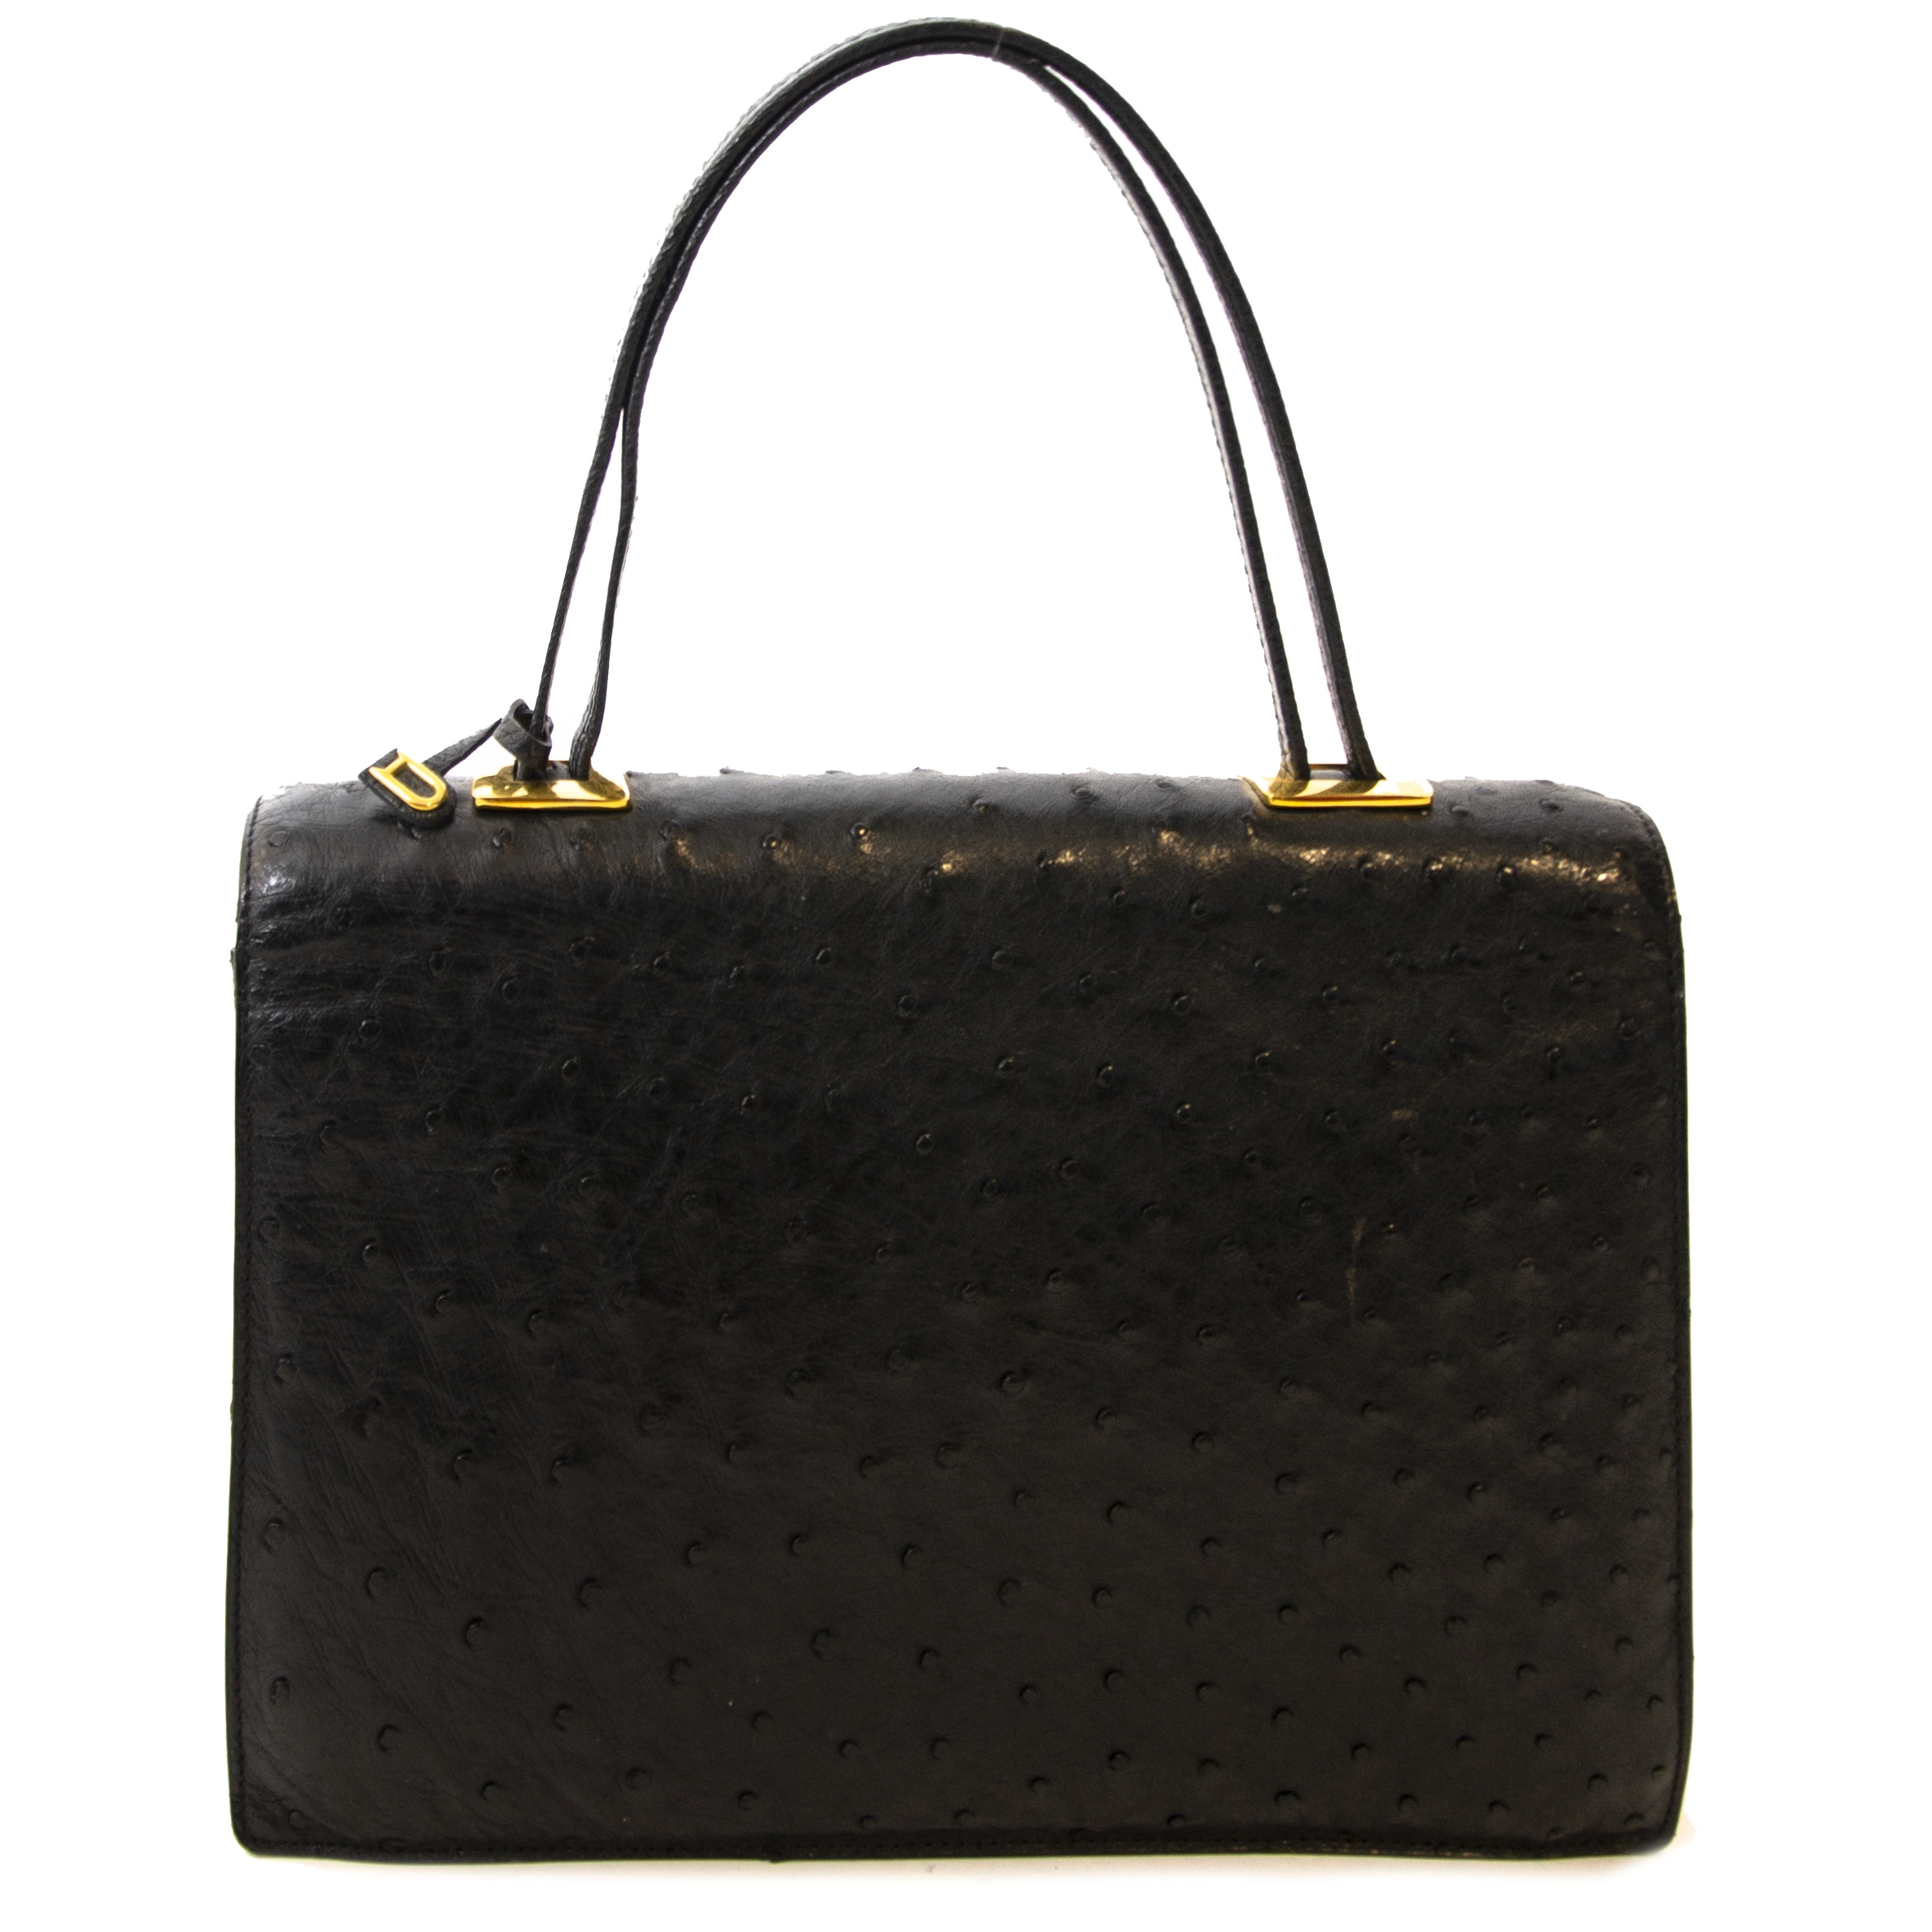 Acheter u sac à main de Delvaux pour un bon pris chez LabelLOV secondmain webshop.